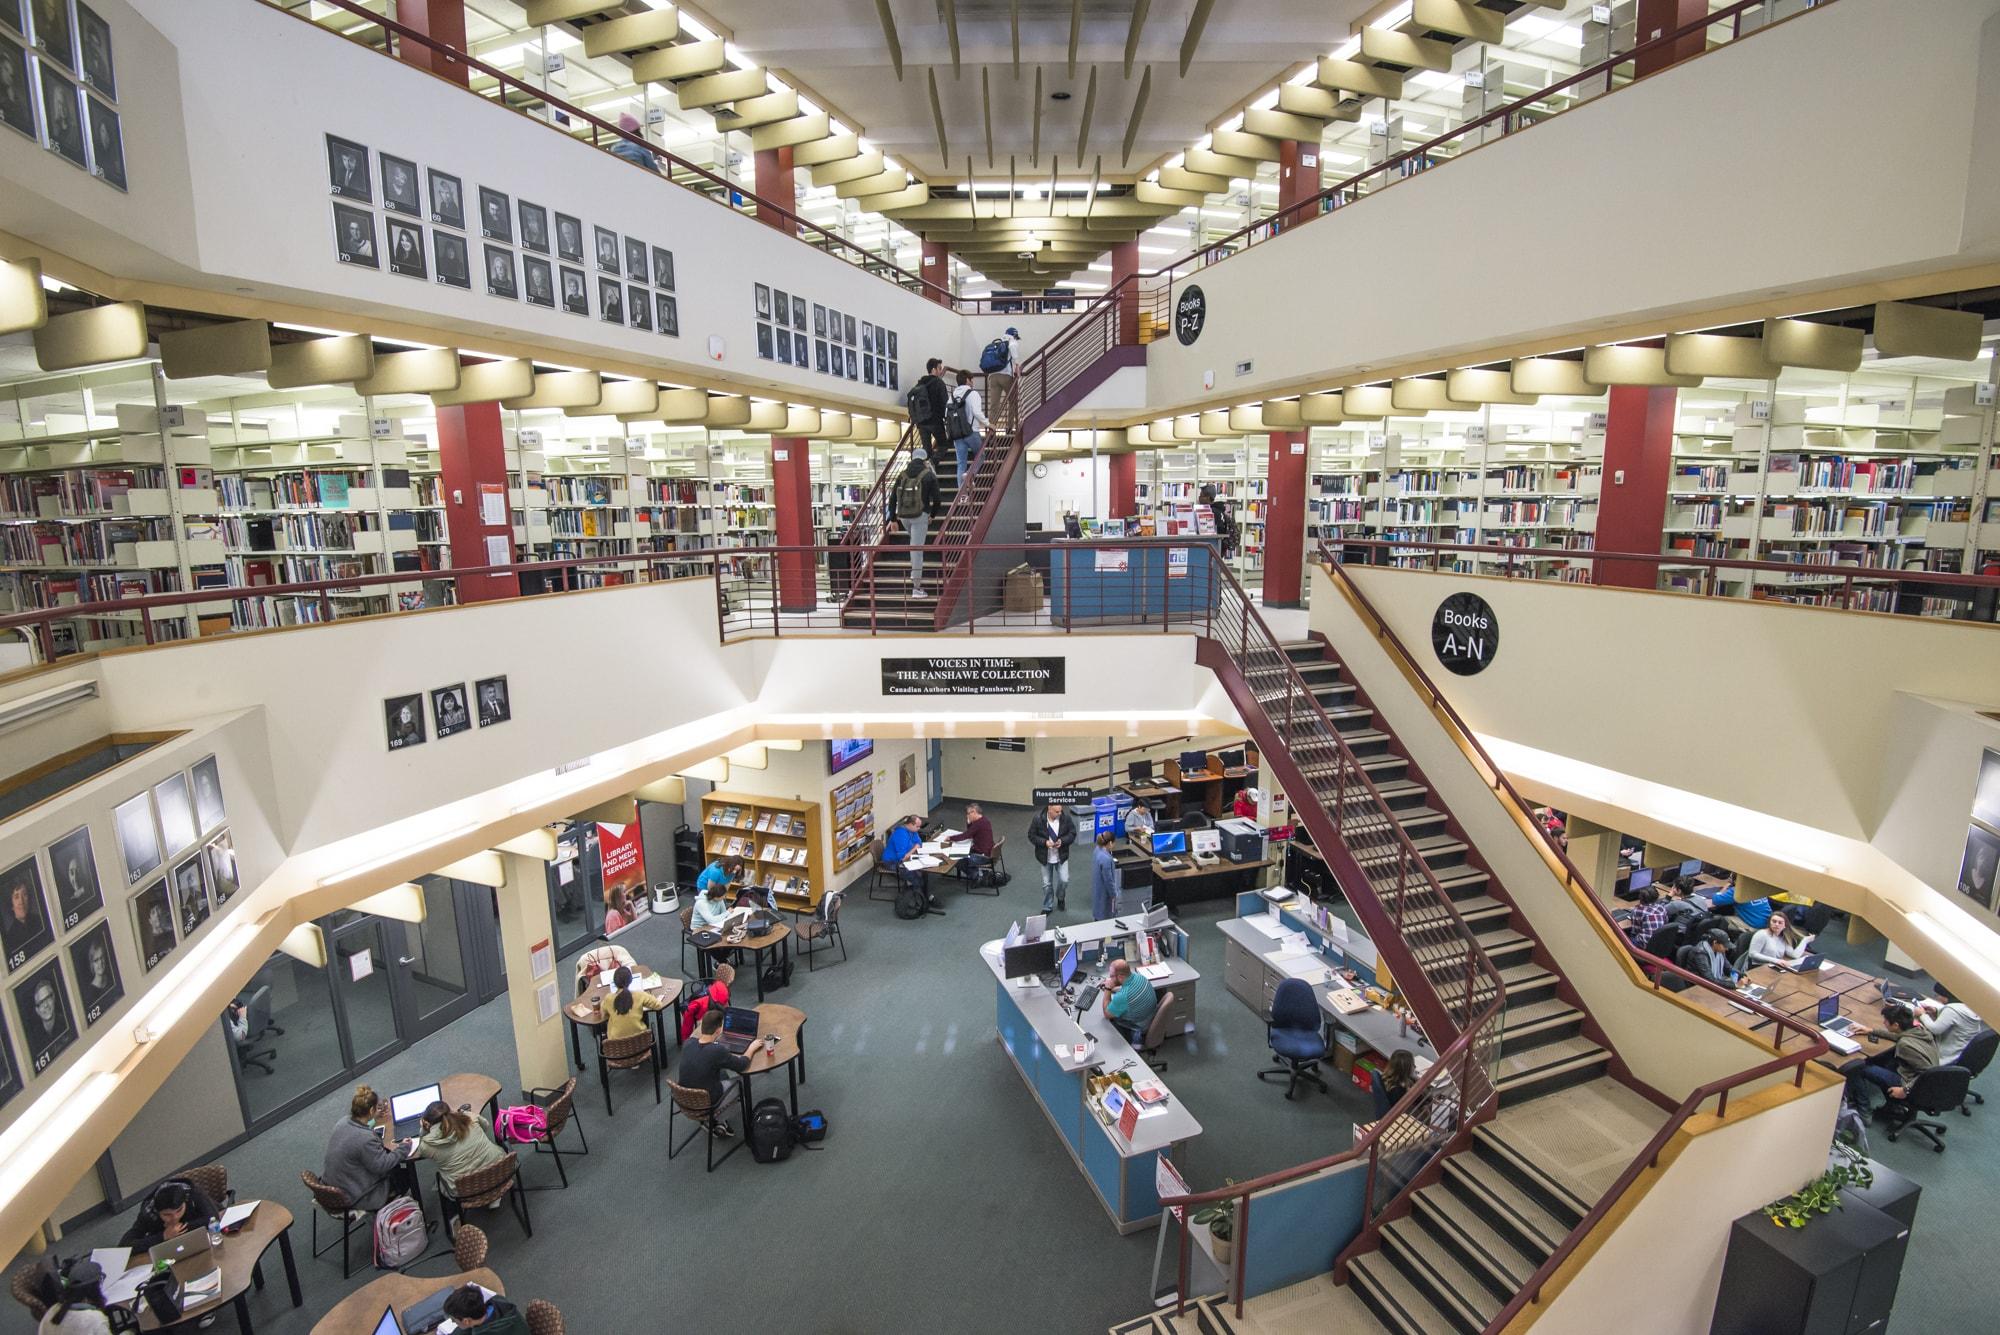 Vue intérieure de la bibliothèque du Collège Fanshawe